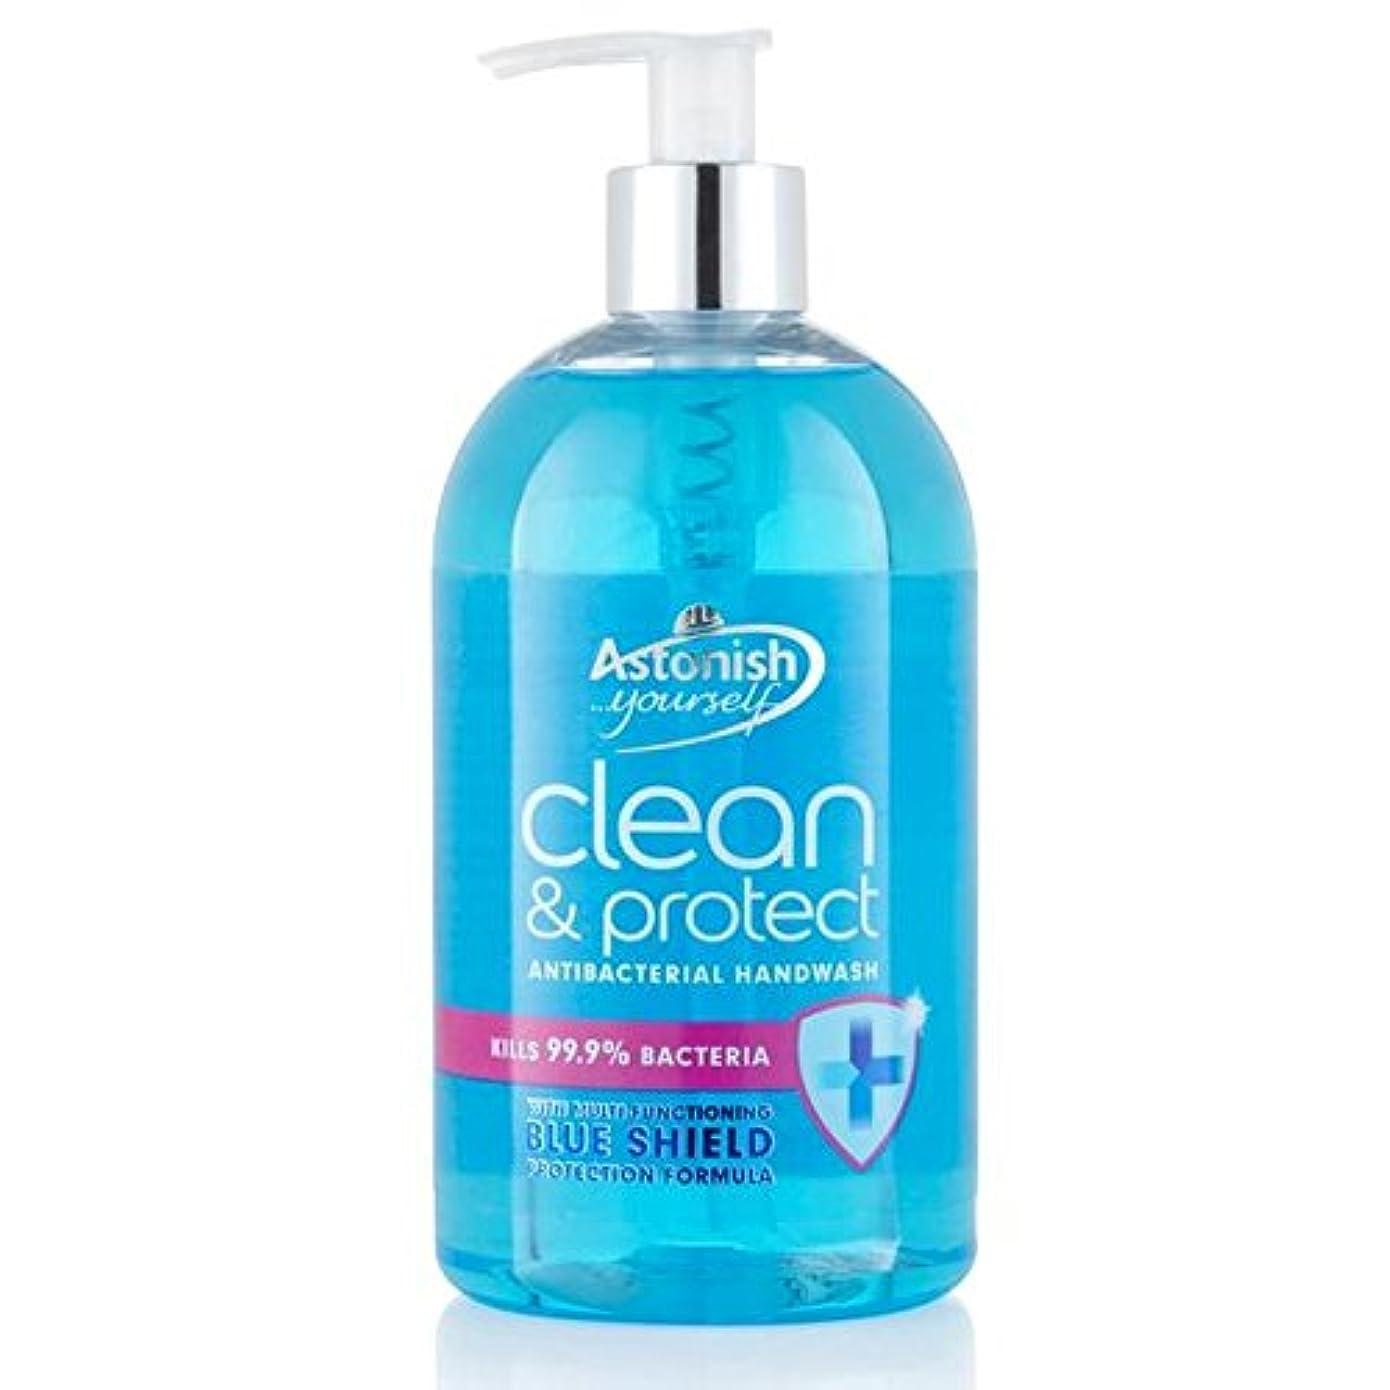 銀河トランクライブラリ役に立たないクリーン驚か&ハンドウォッシュ500ミリリットルを保護 x2 - Astonish Clean & Protect Hand Wash 500ml (Pack of 2) [並行輸入品]